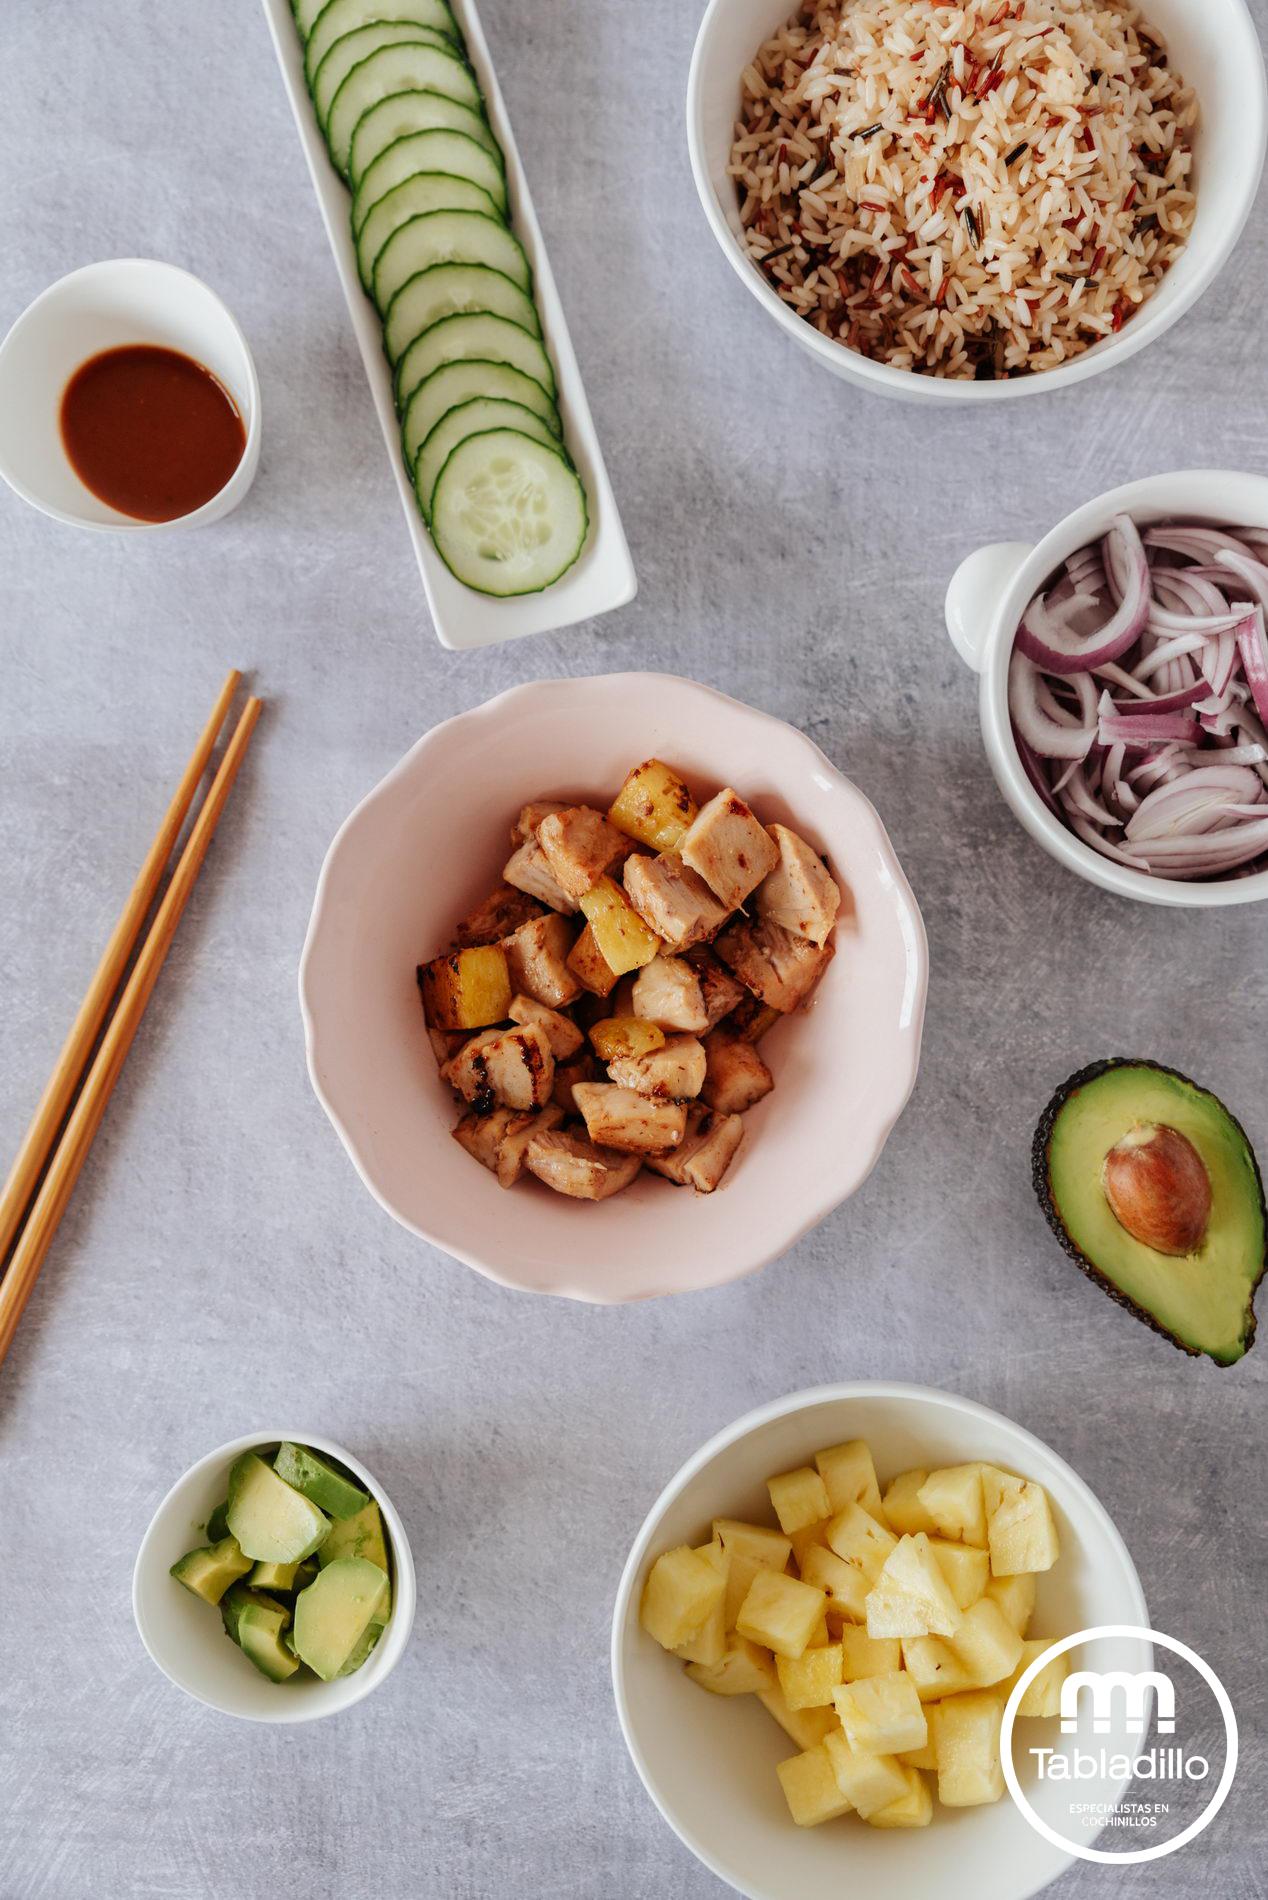 TABLADILLO_ oke bowl con cochinillo